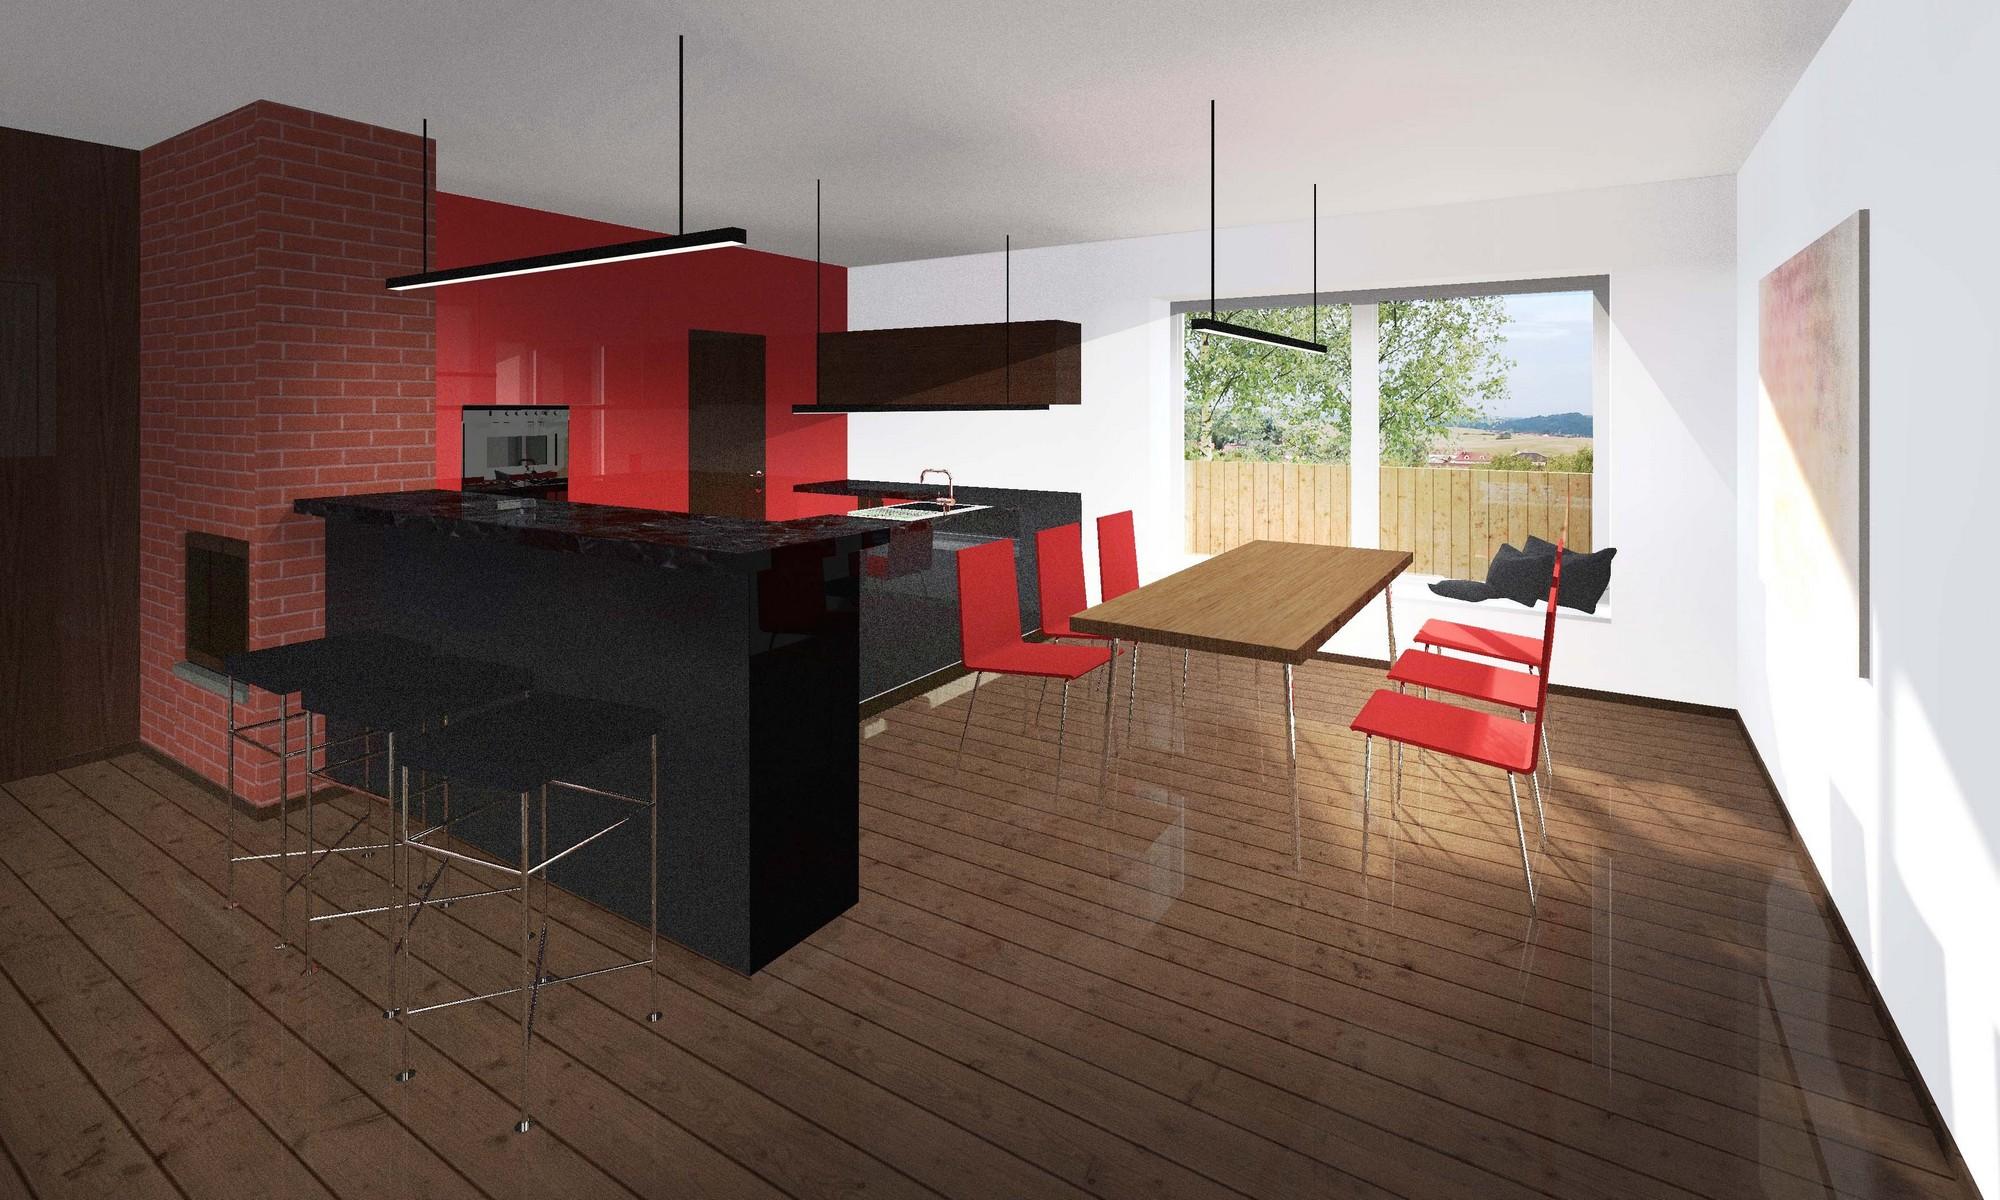 Rodinný dům ve Vroutku - image